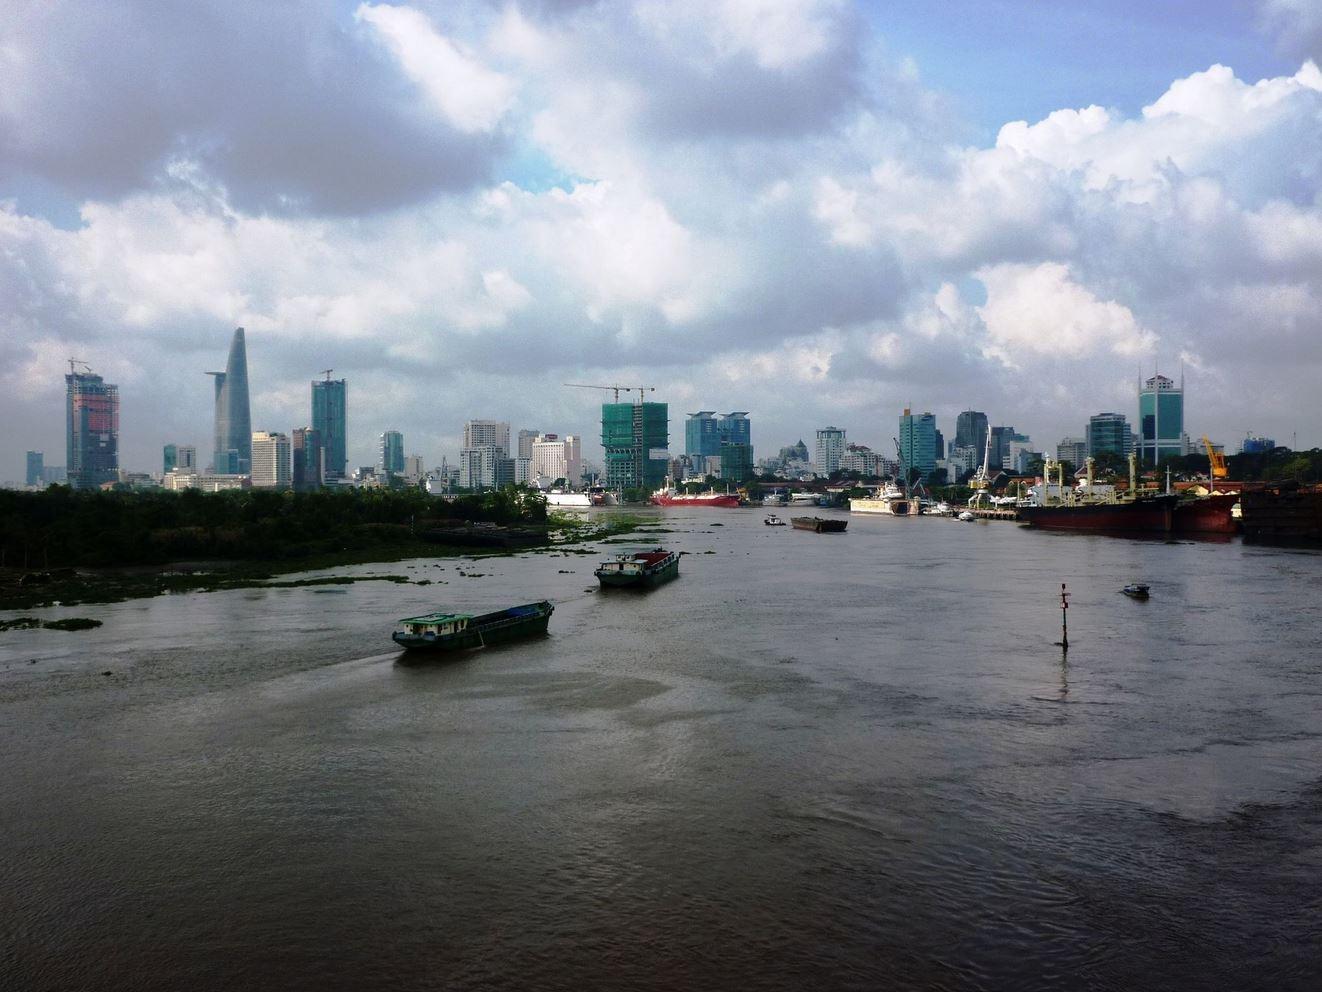 高層ビルが立ち並ぶ市街